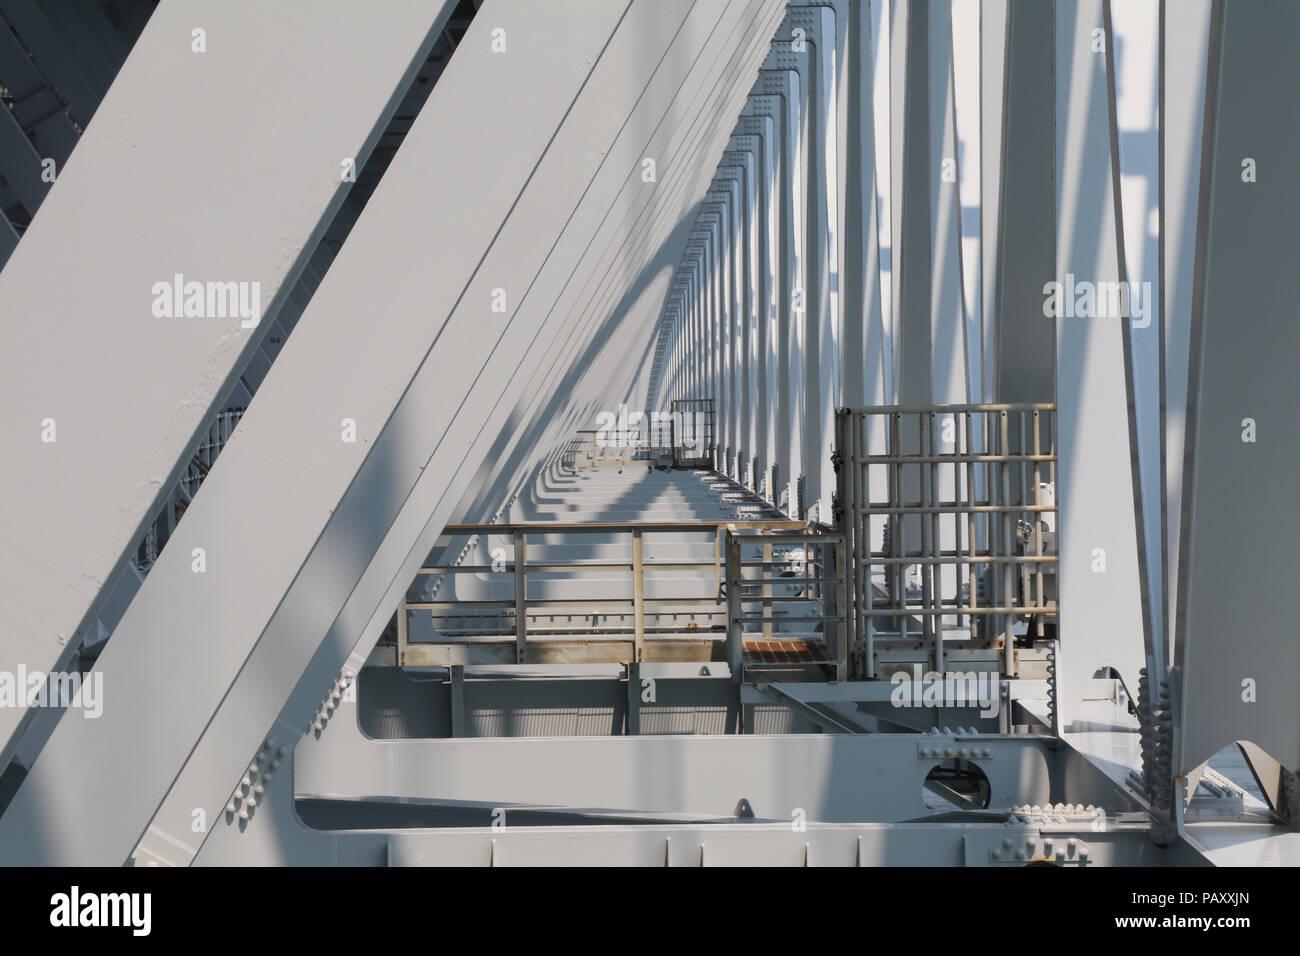 Pont Naruto sur l'île de Shikoku, au Japon, l'affichage de la célèbre Naruto tourbillons. Photo Stock